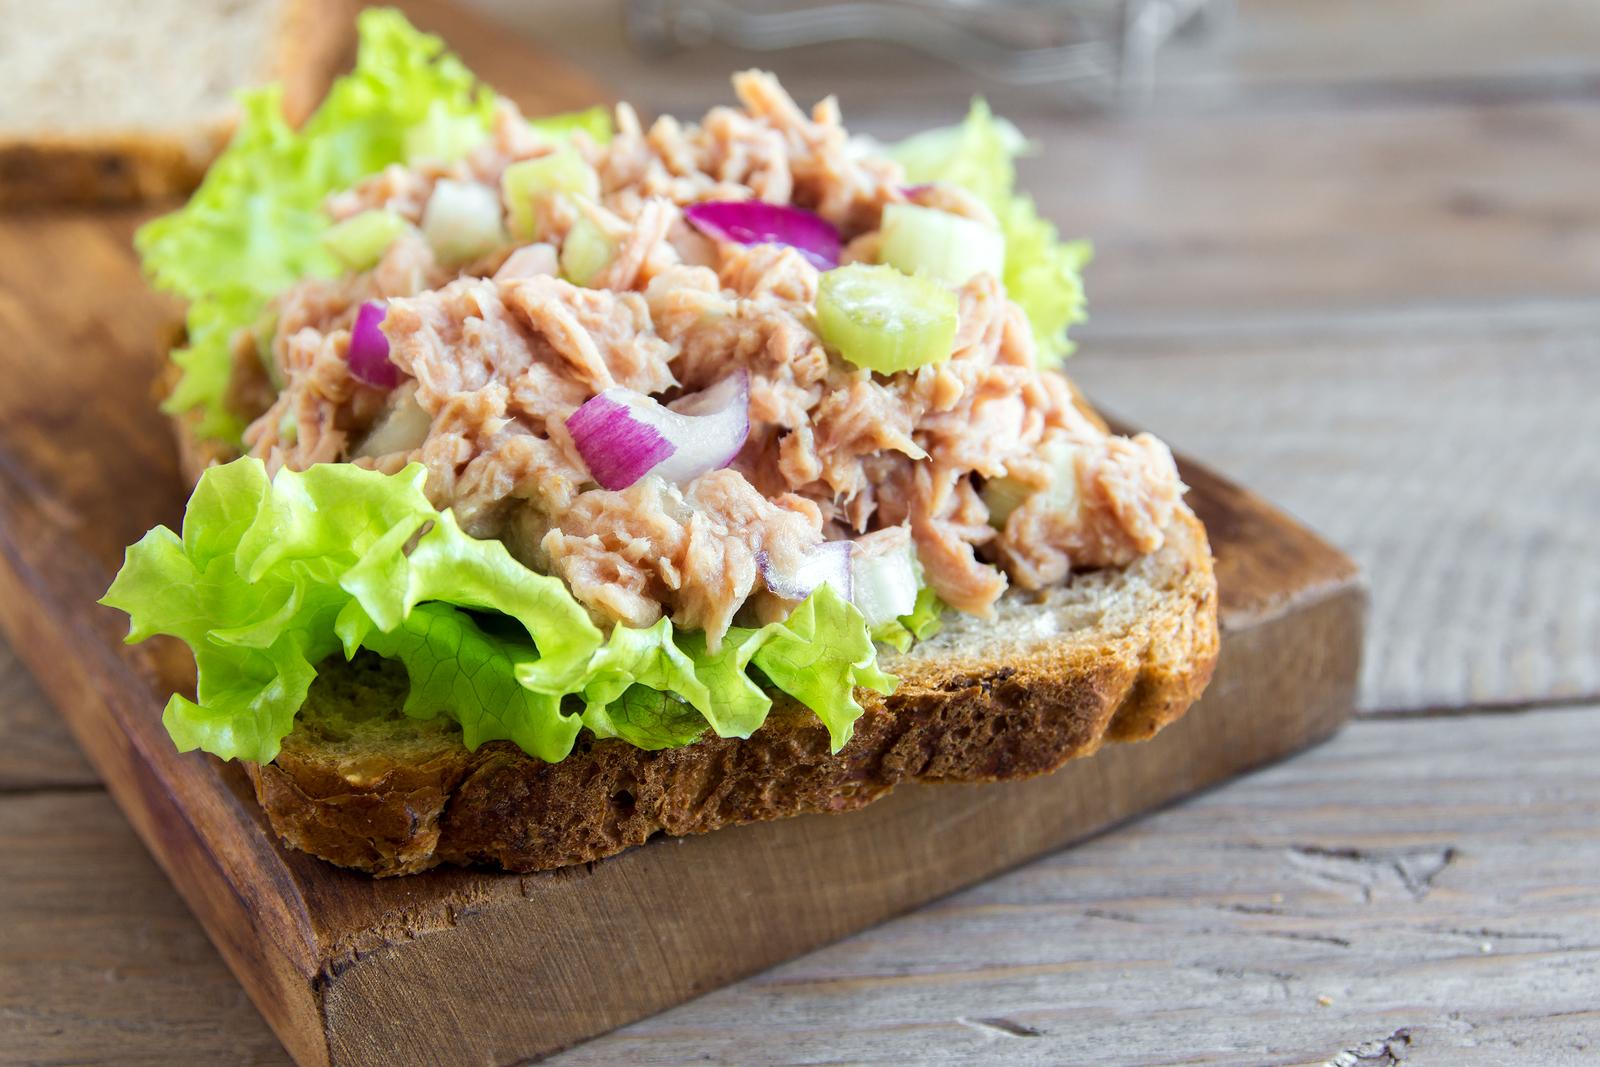 Thunfisch & Schwangerschaft ist keine gute Mischung